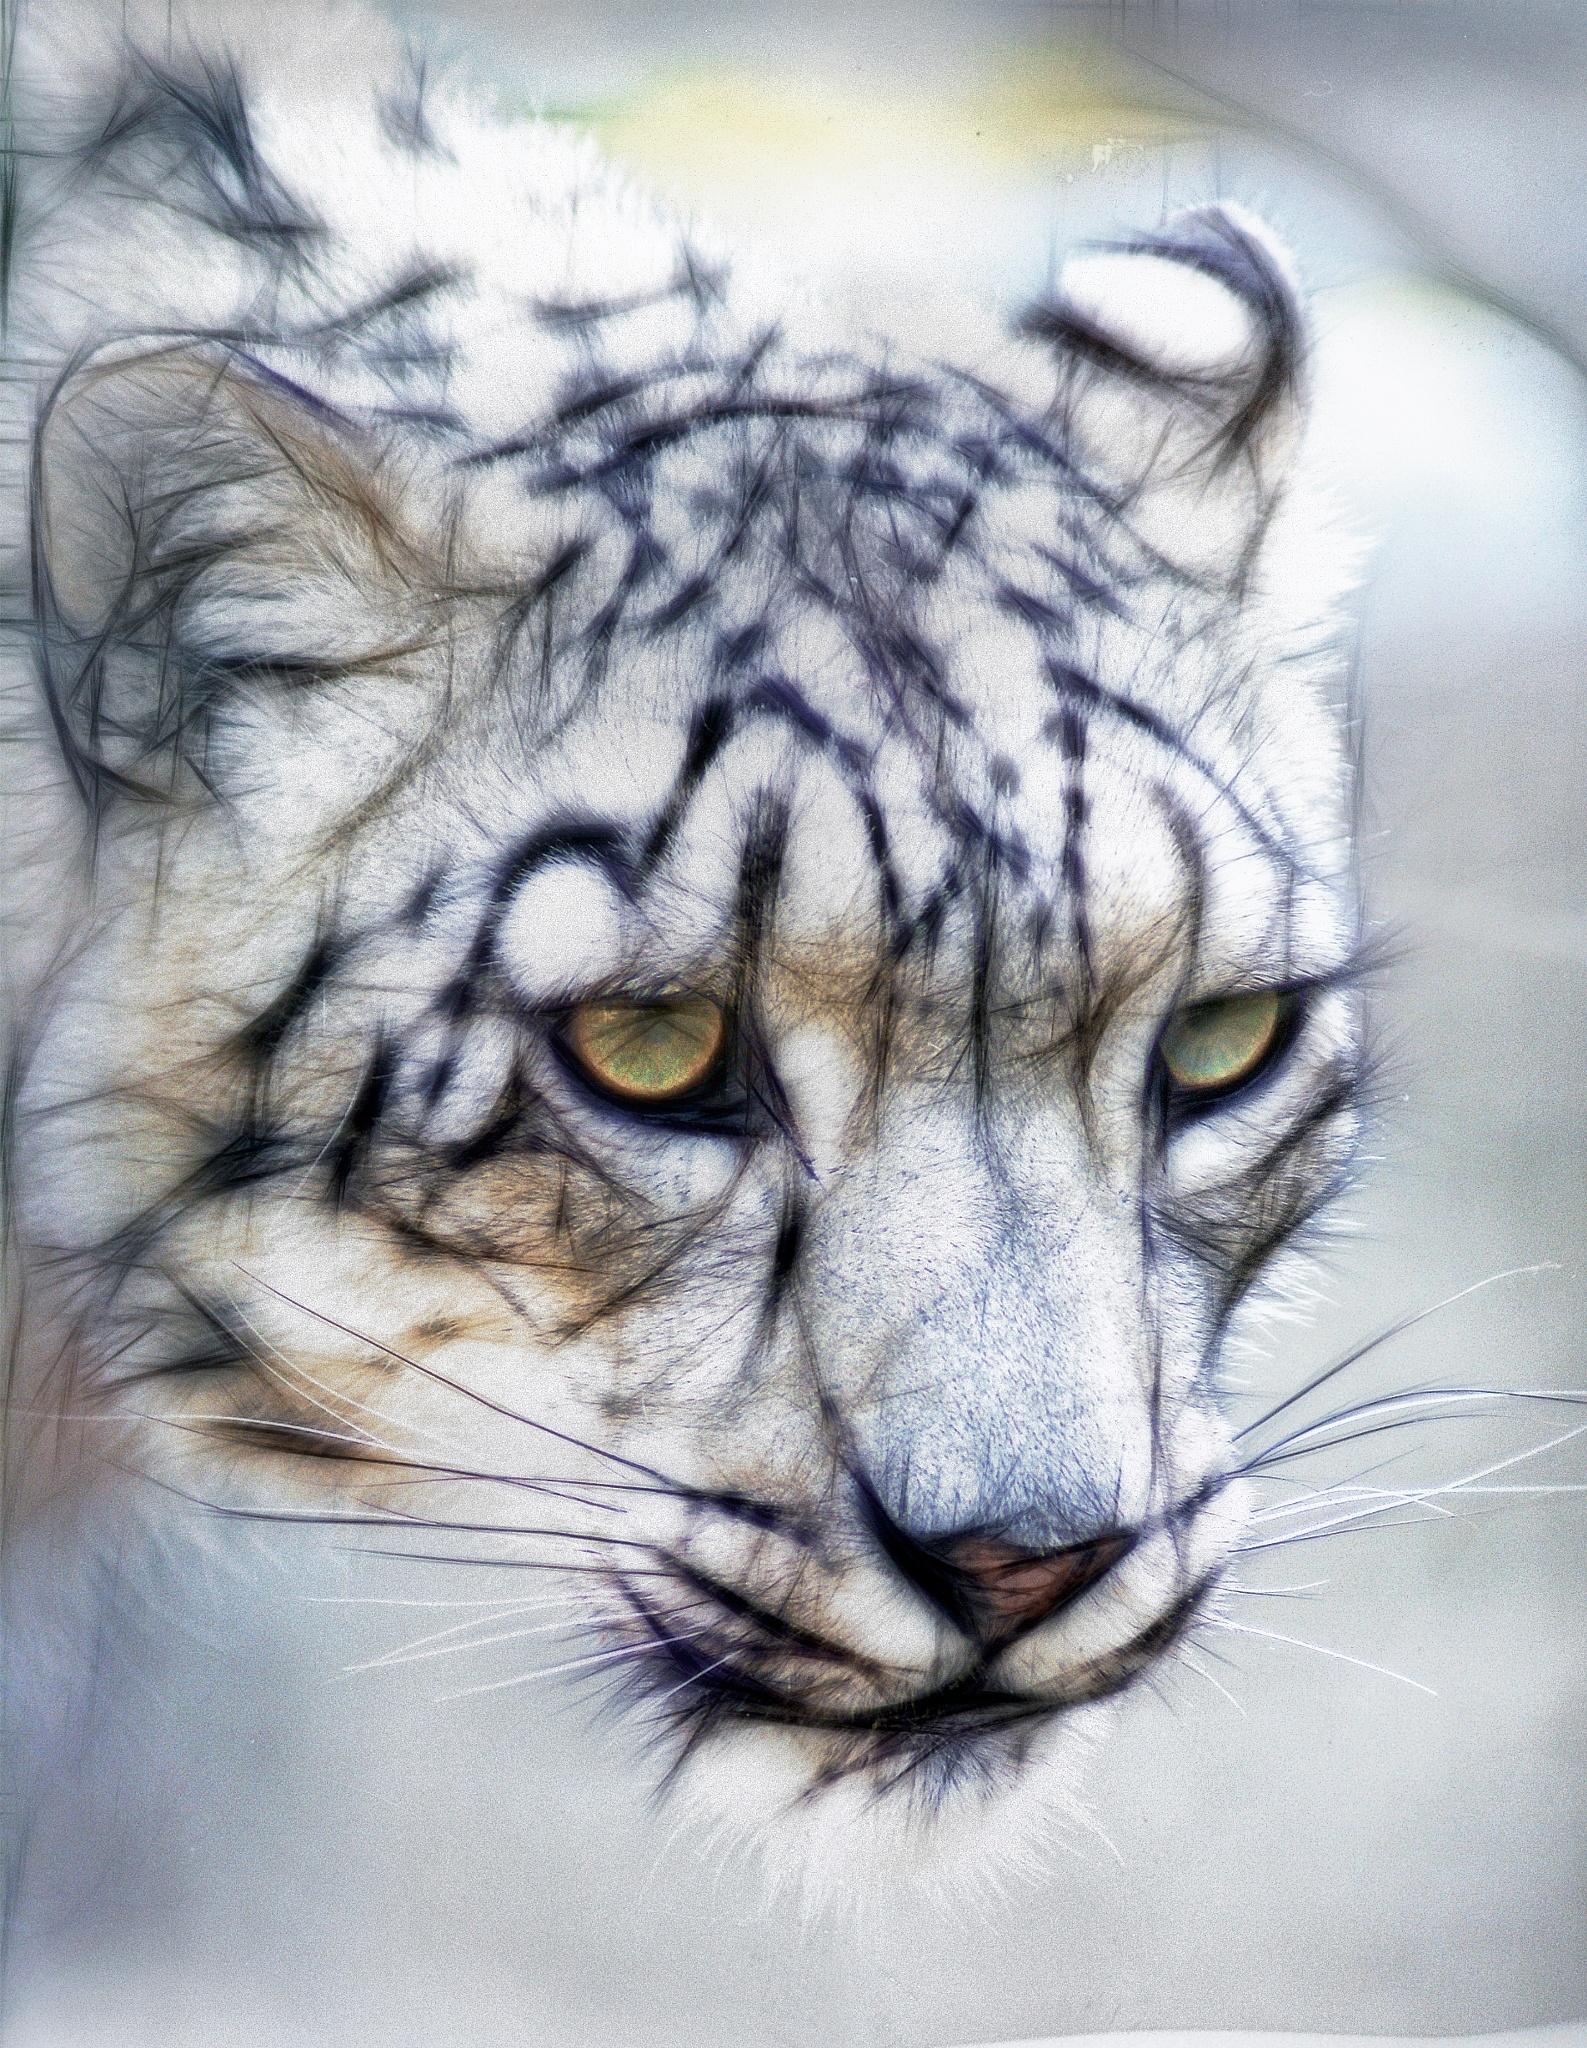 Snow Leopard by Brigitte Werner